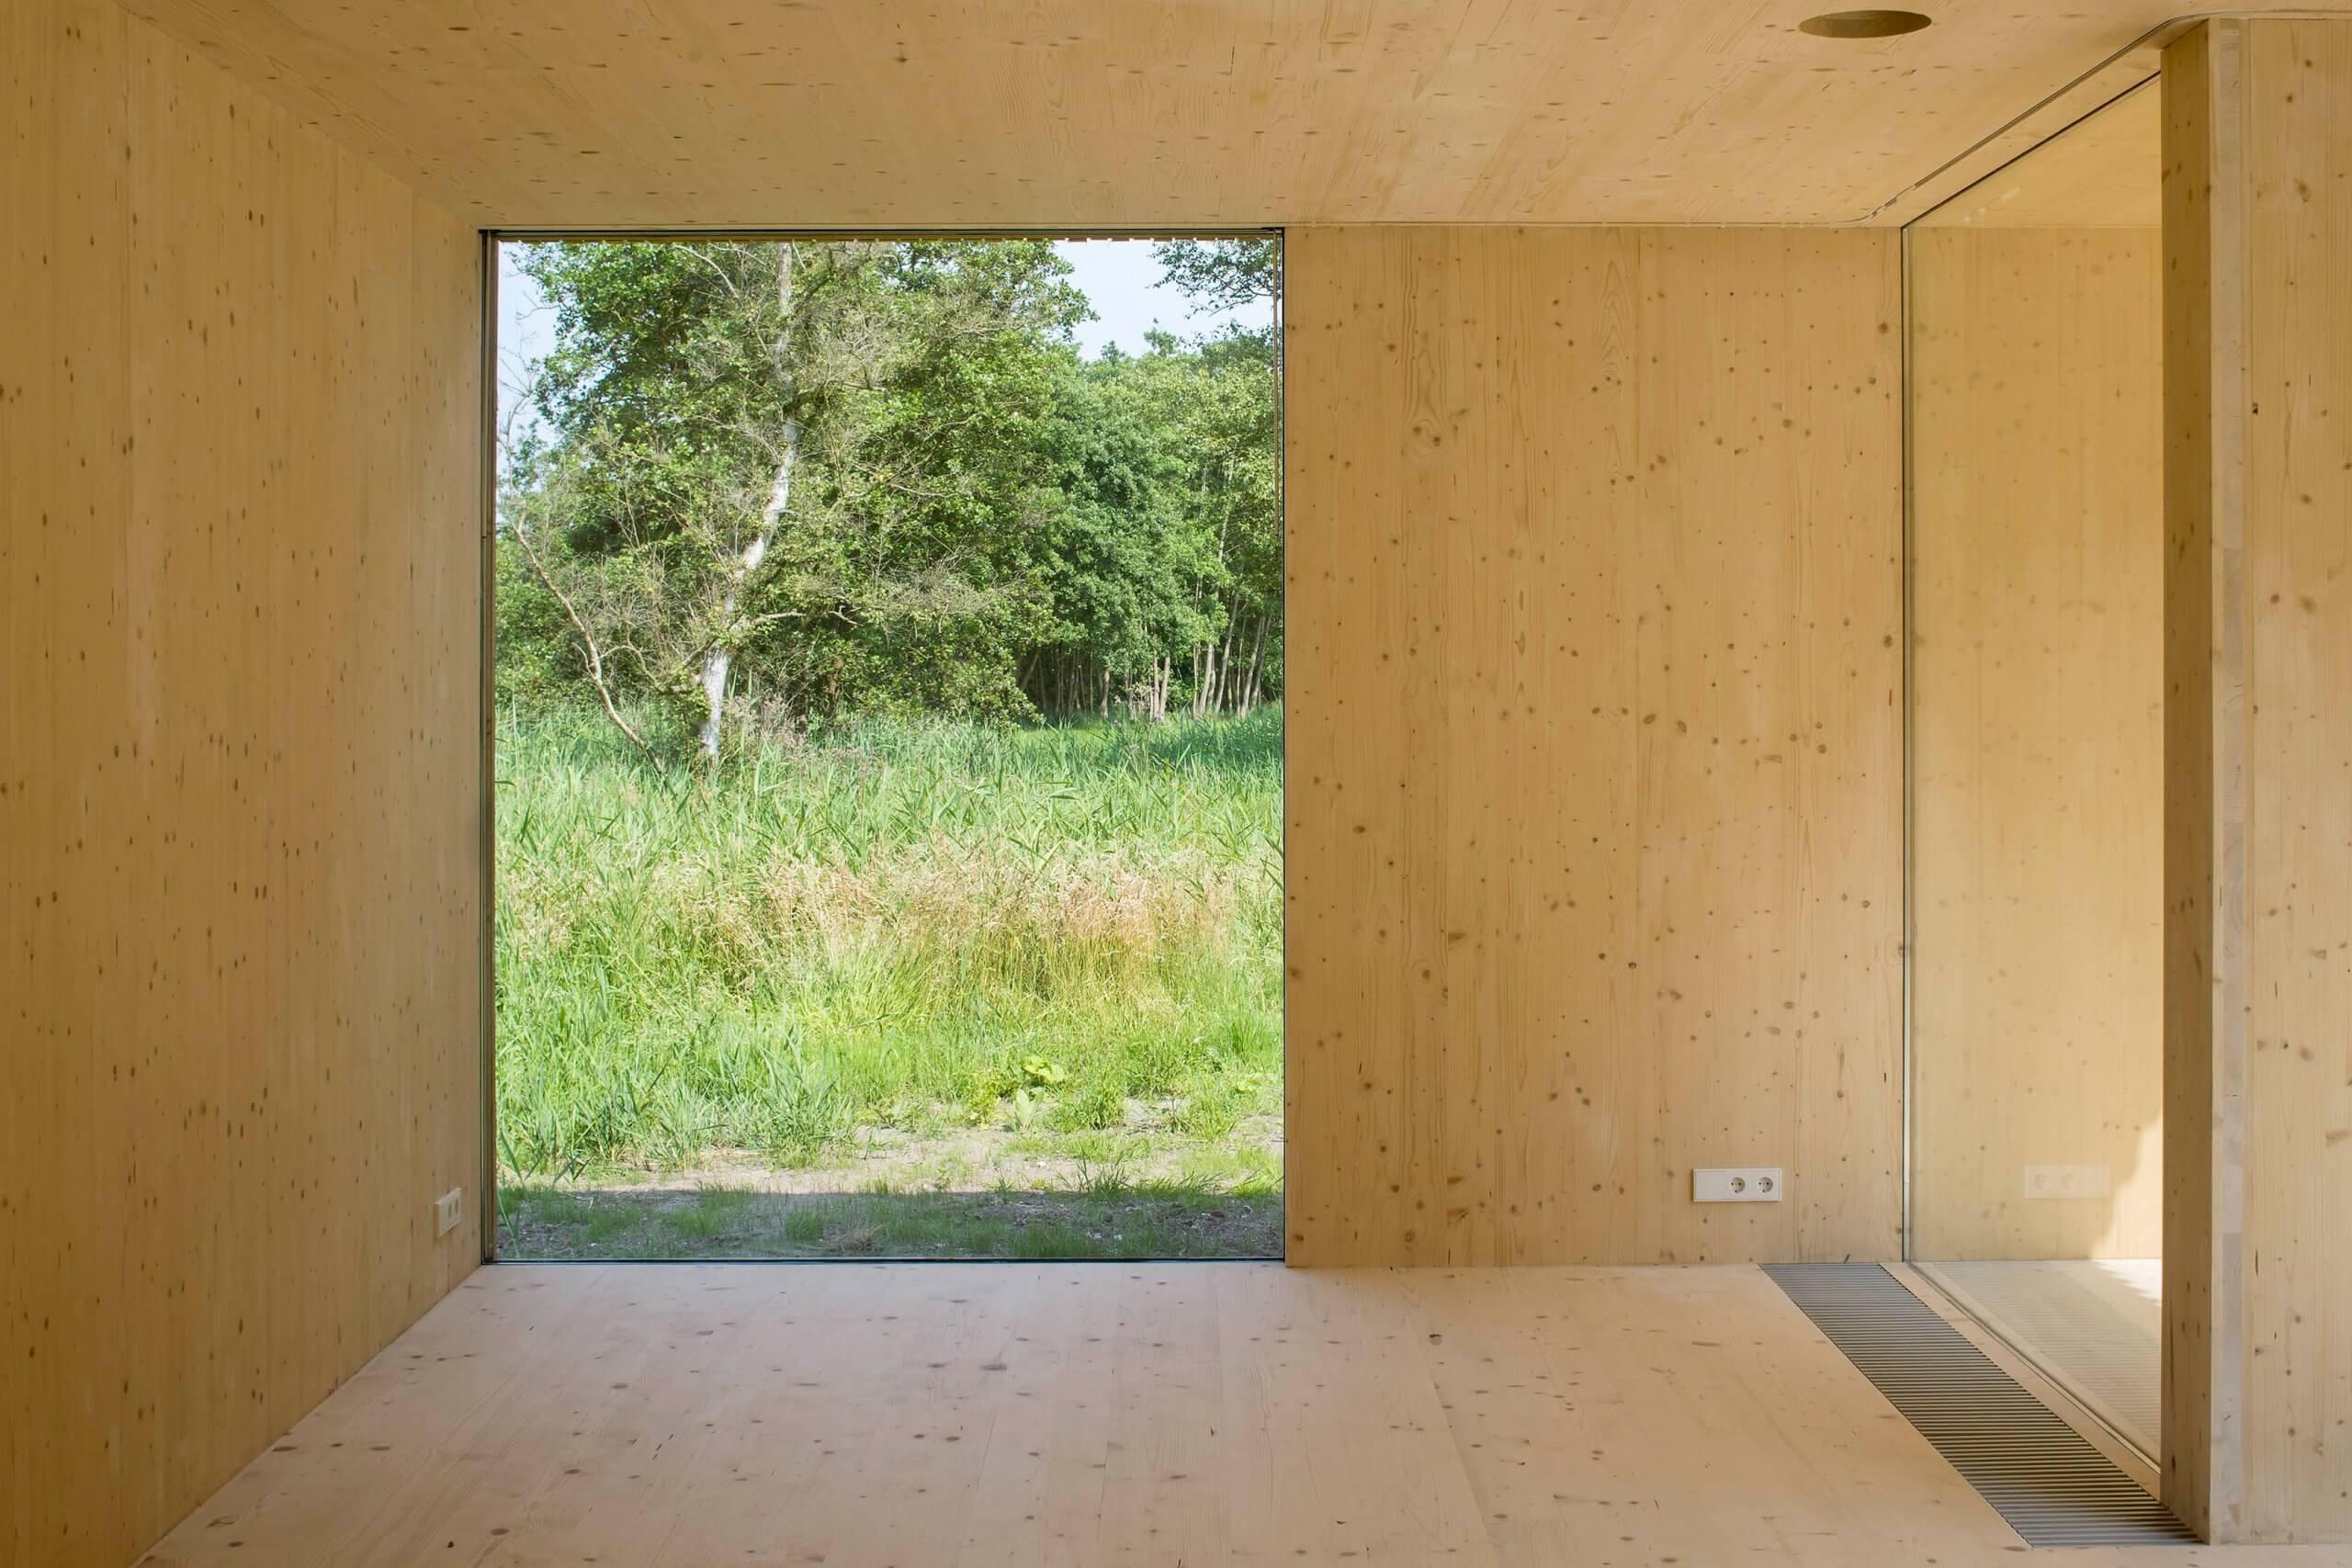 De vloeren, wanden en het dak van de uitbreiding zijn volledig van massief hout, dat aan de binnenzijde onafgewerkt in het zicht is gebleven.